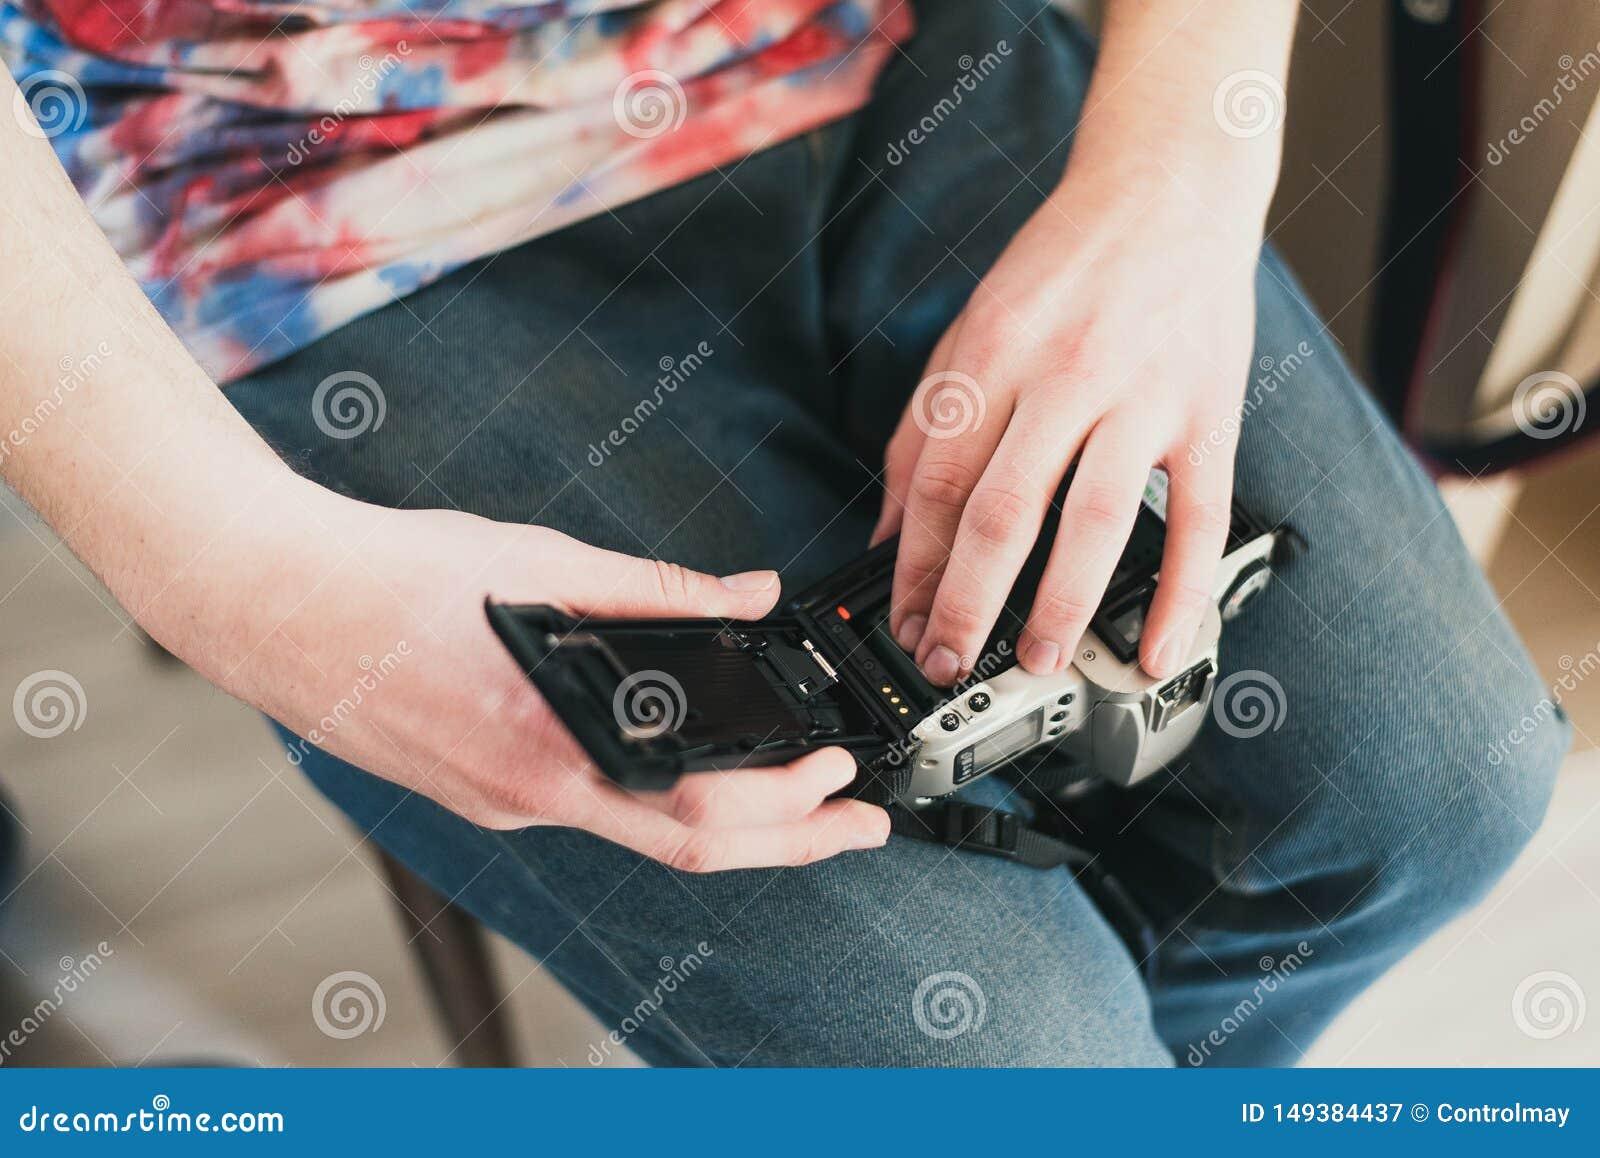 Een mens vult de camerafilm gezette film in de camera zet de band in de machine